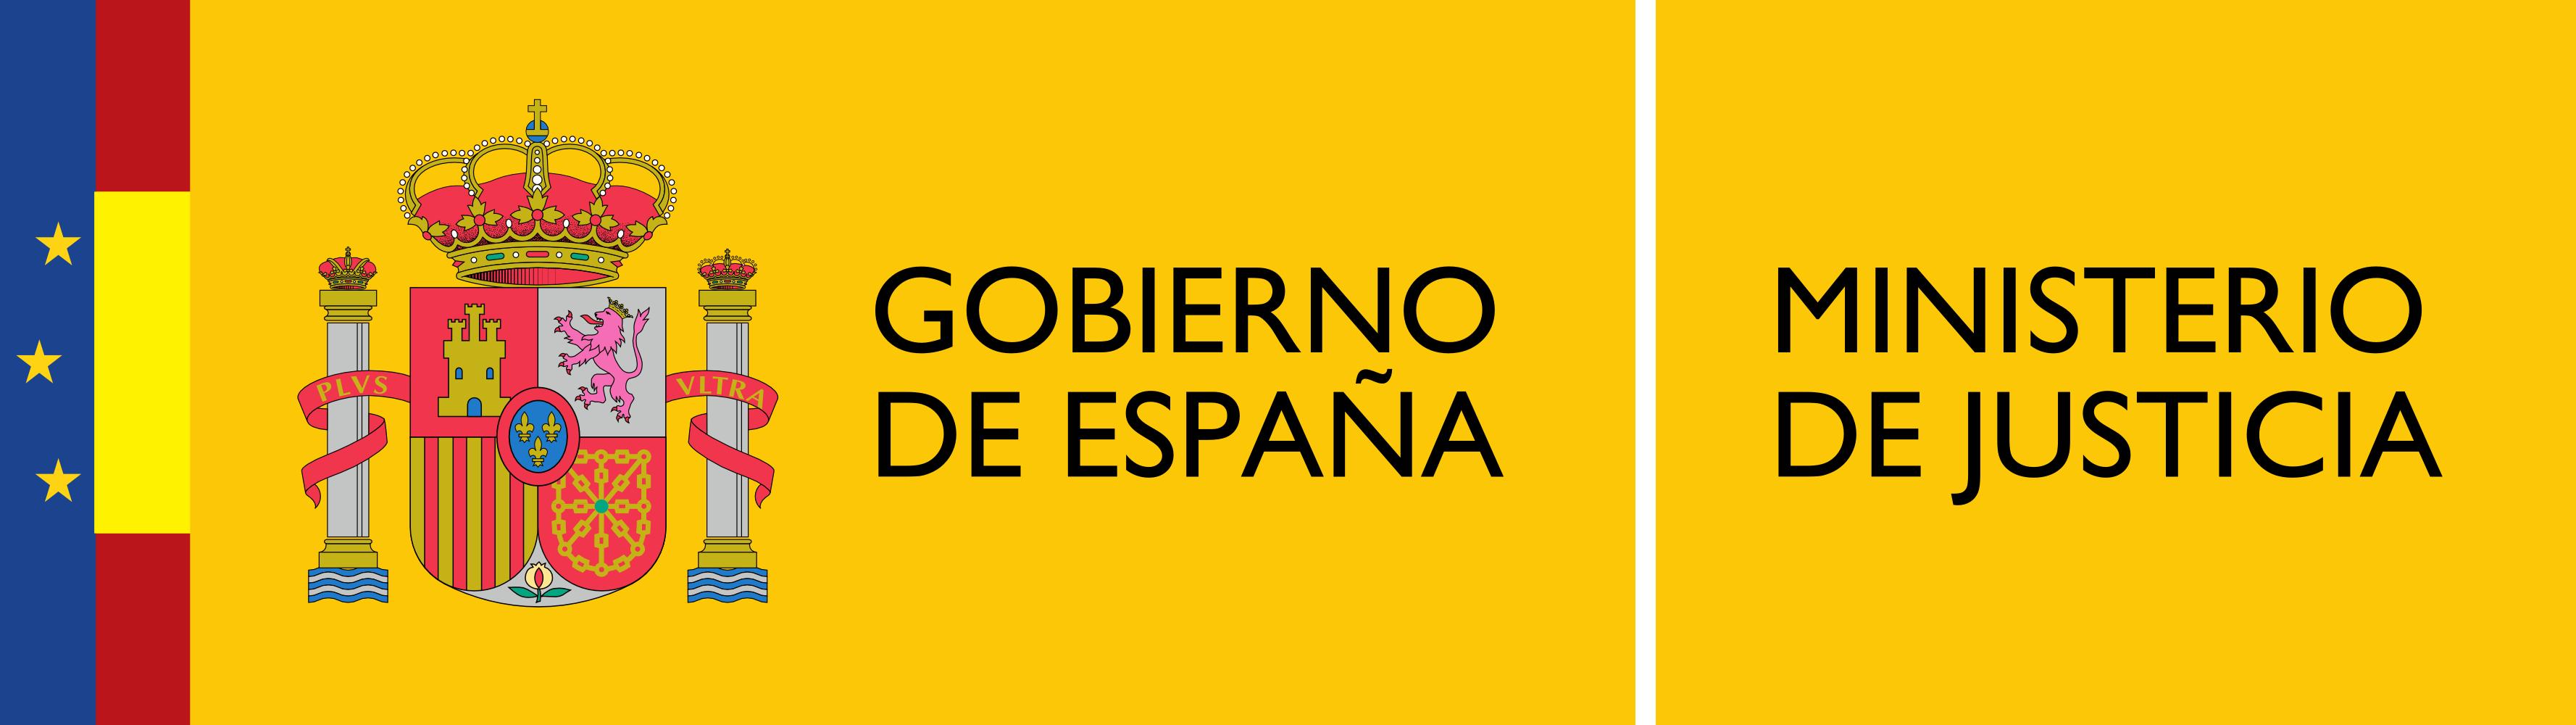 Opiniones de anexo ministros de justicia de espana for Ministros de espana